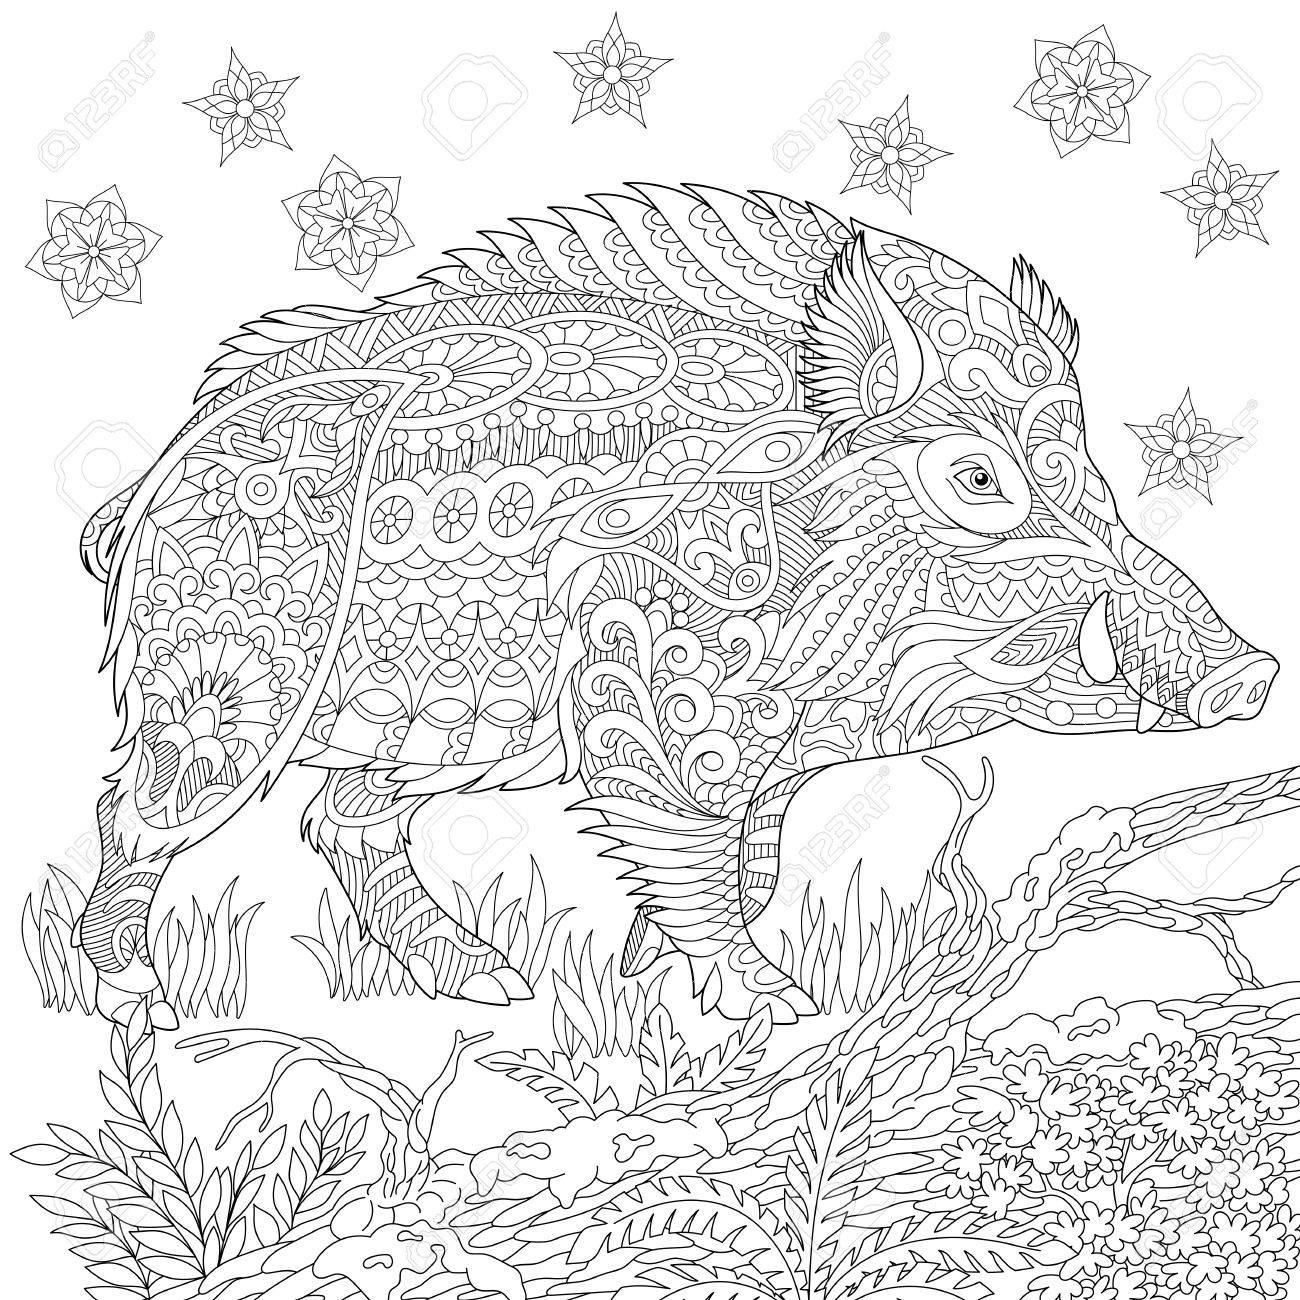 hog hunting stylized cartoon wild boar razorback warthog hog pig